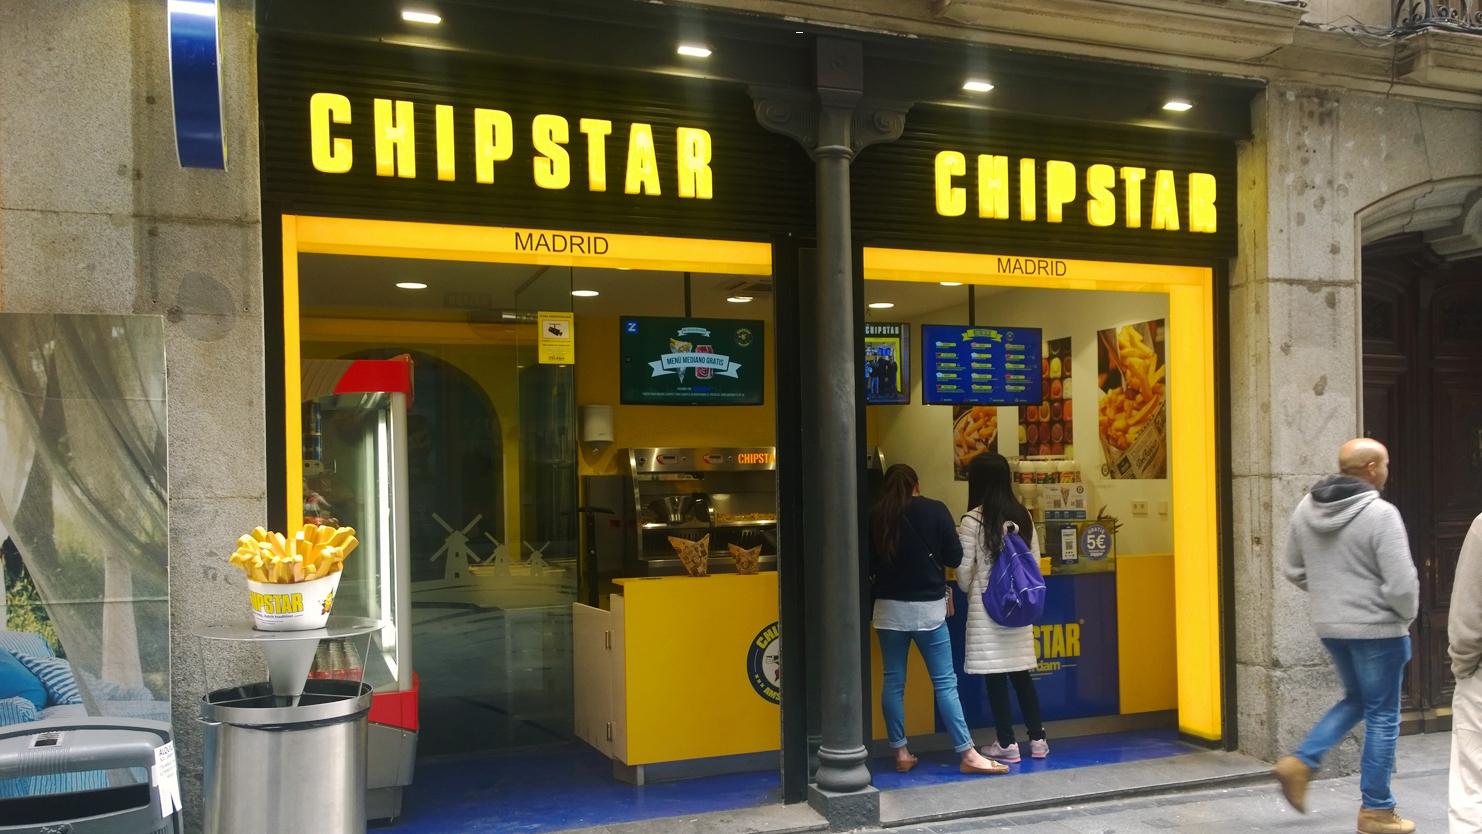 CHIPSTAR 6